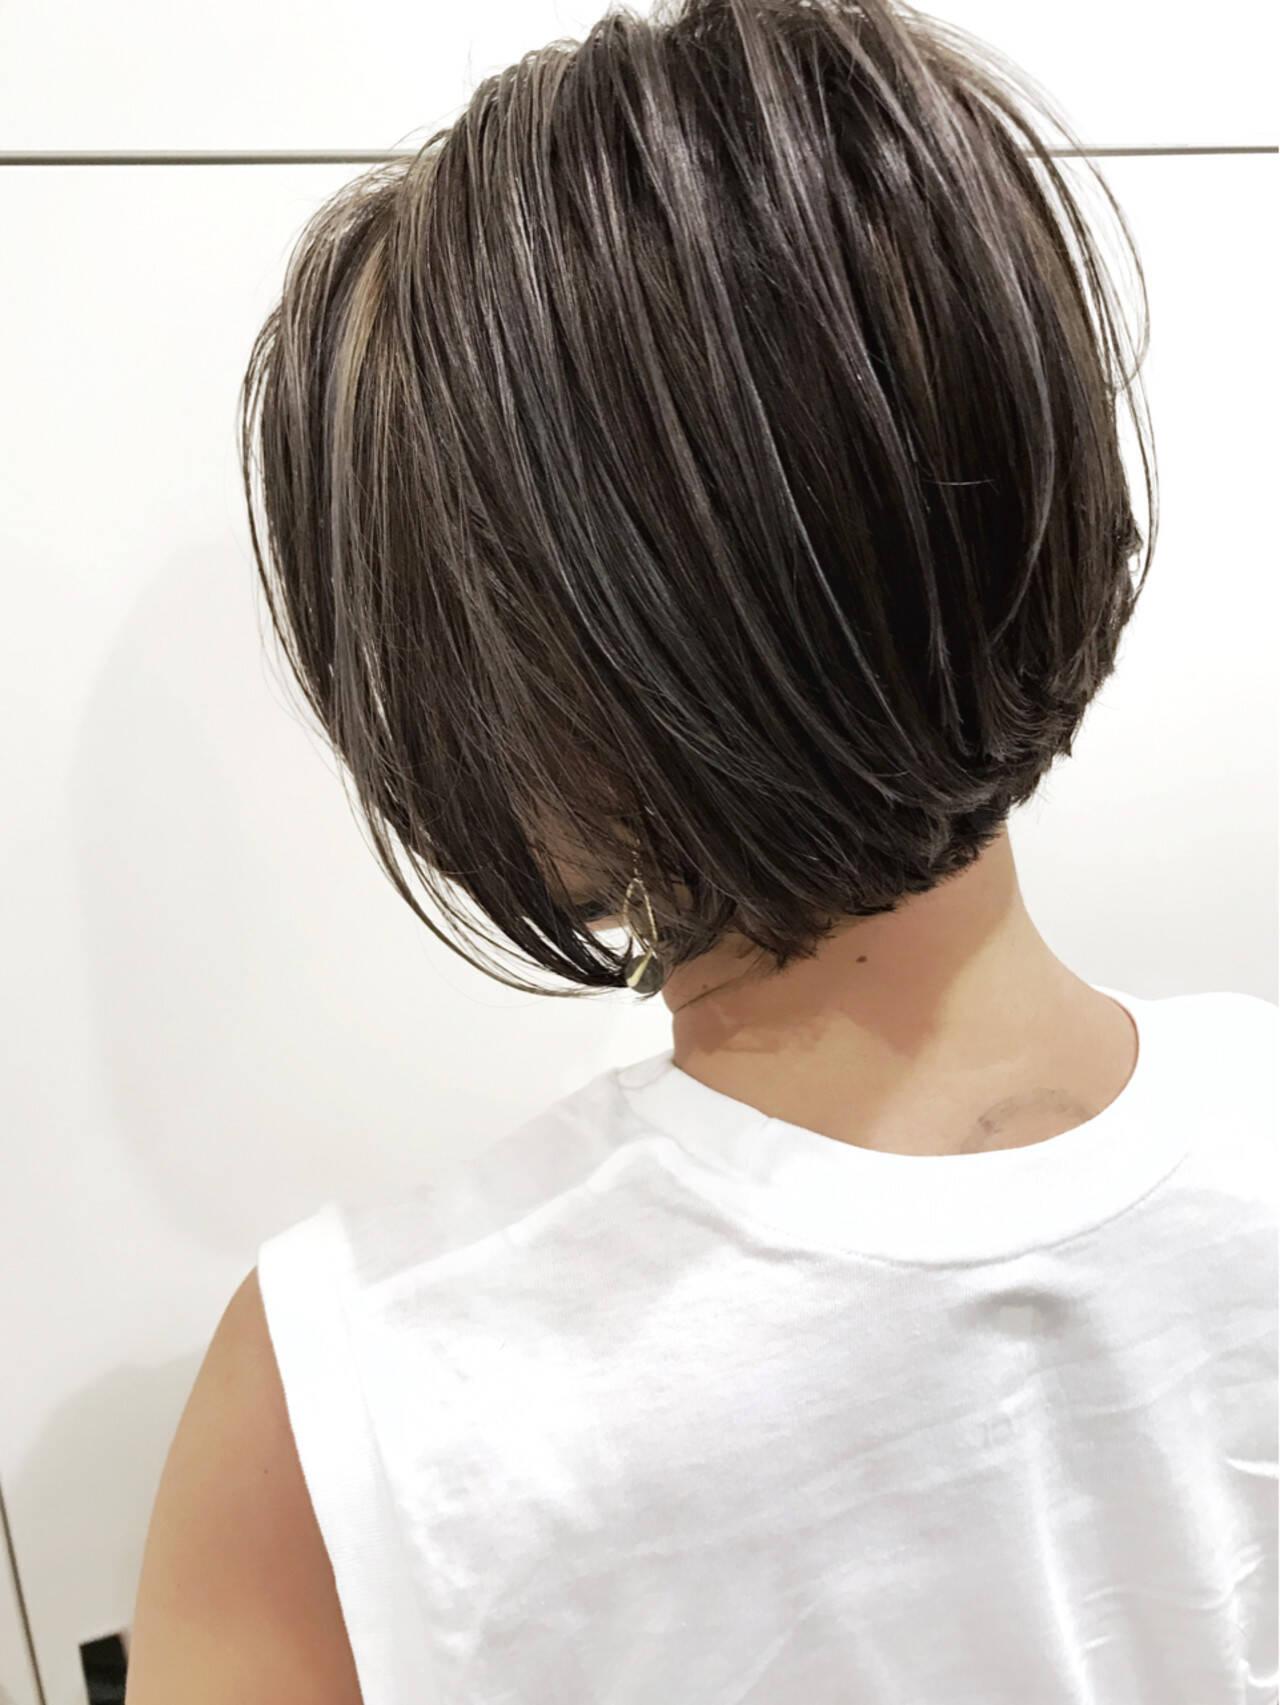 外国人風 ハイライト ボブ バレイヤージュヘアスタイルや髪型の写真・画像